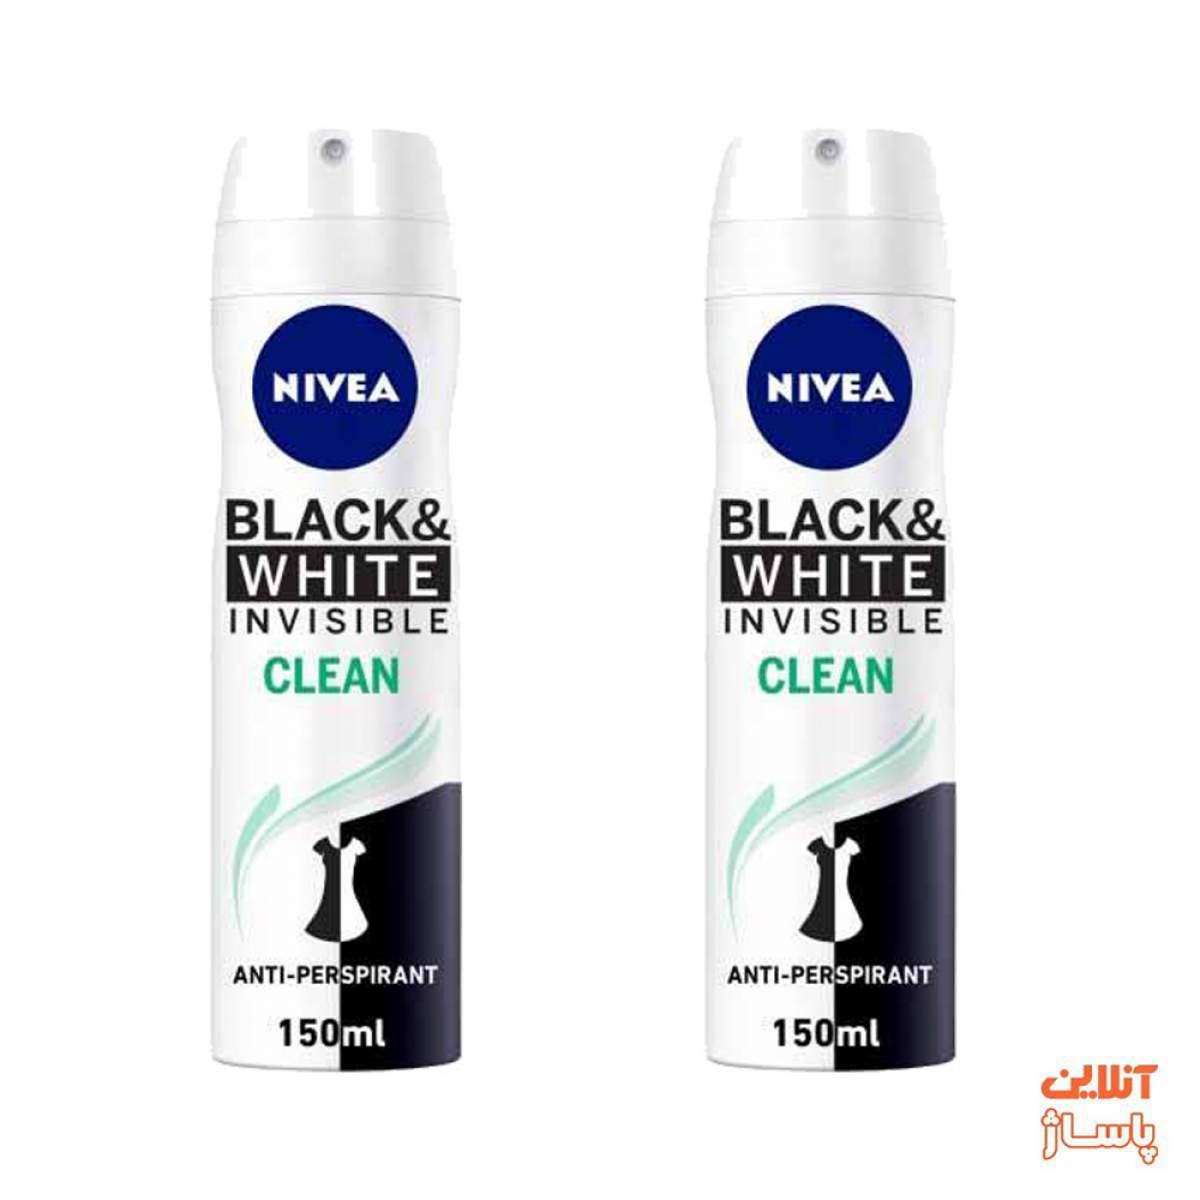 اسپری بدن زنانه نیوآ مدل Black And White Invisible Clean حجم 150 میلی لیتر مجموعه 2 عددی